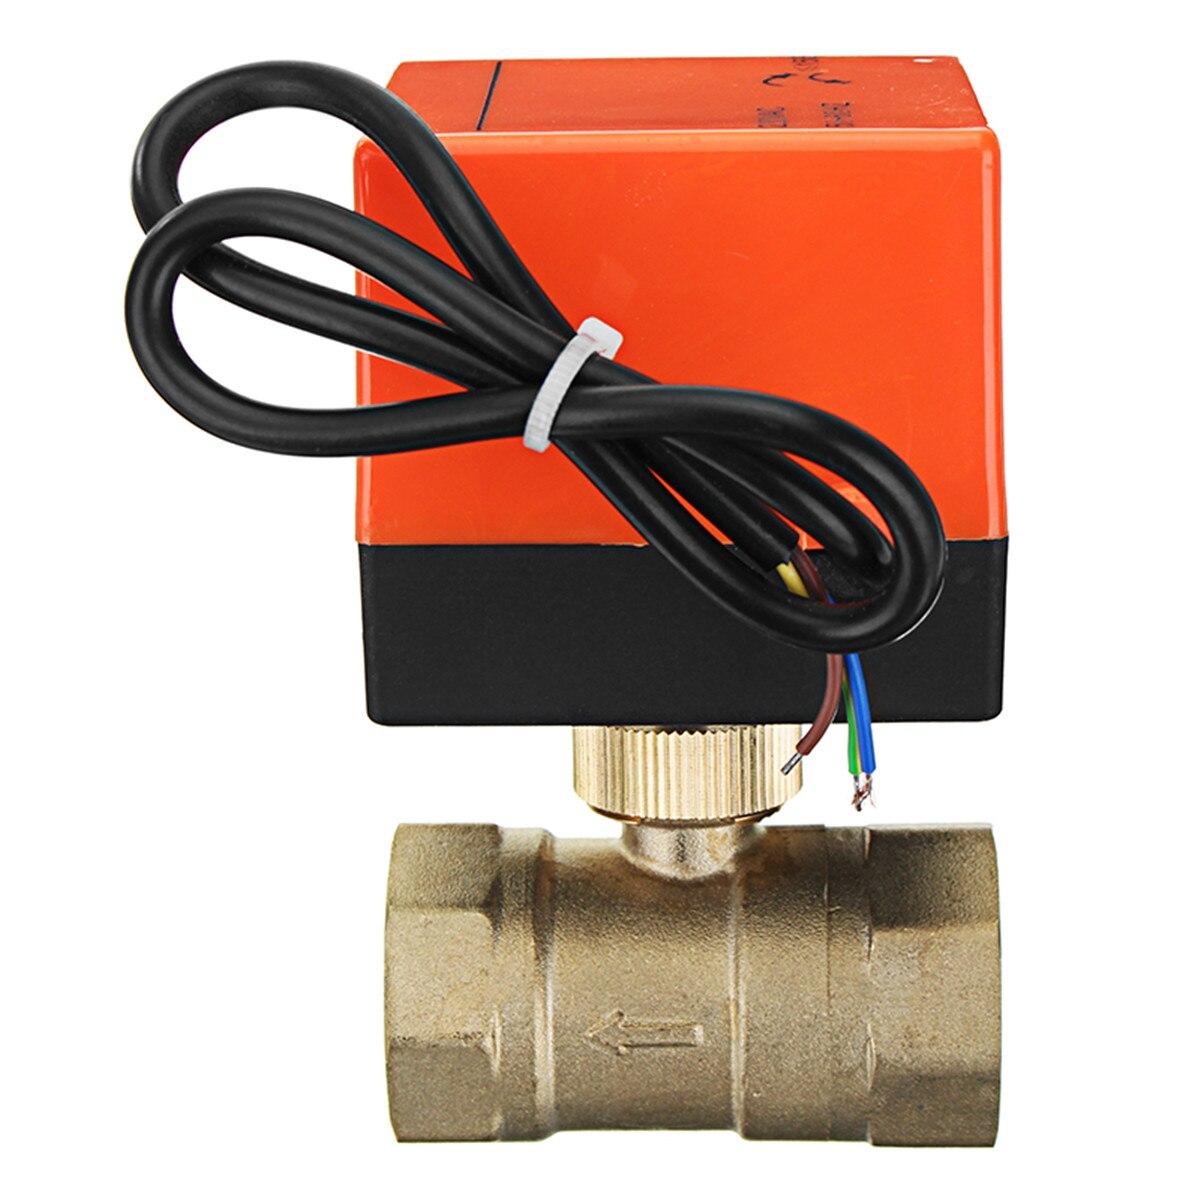 TMOK TK260 1/2 3/4 1 1 1/4 Motorized Electric Brass Ball Valves 3 Wire AC 220V Full Port Valve